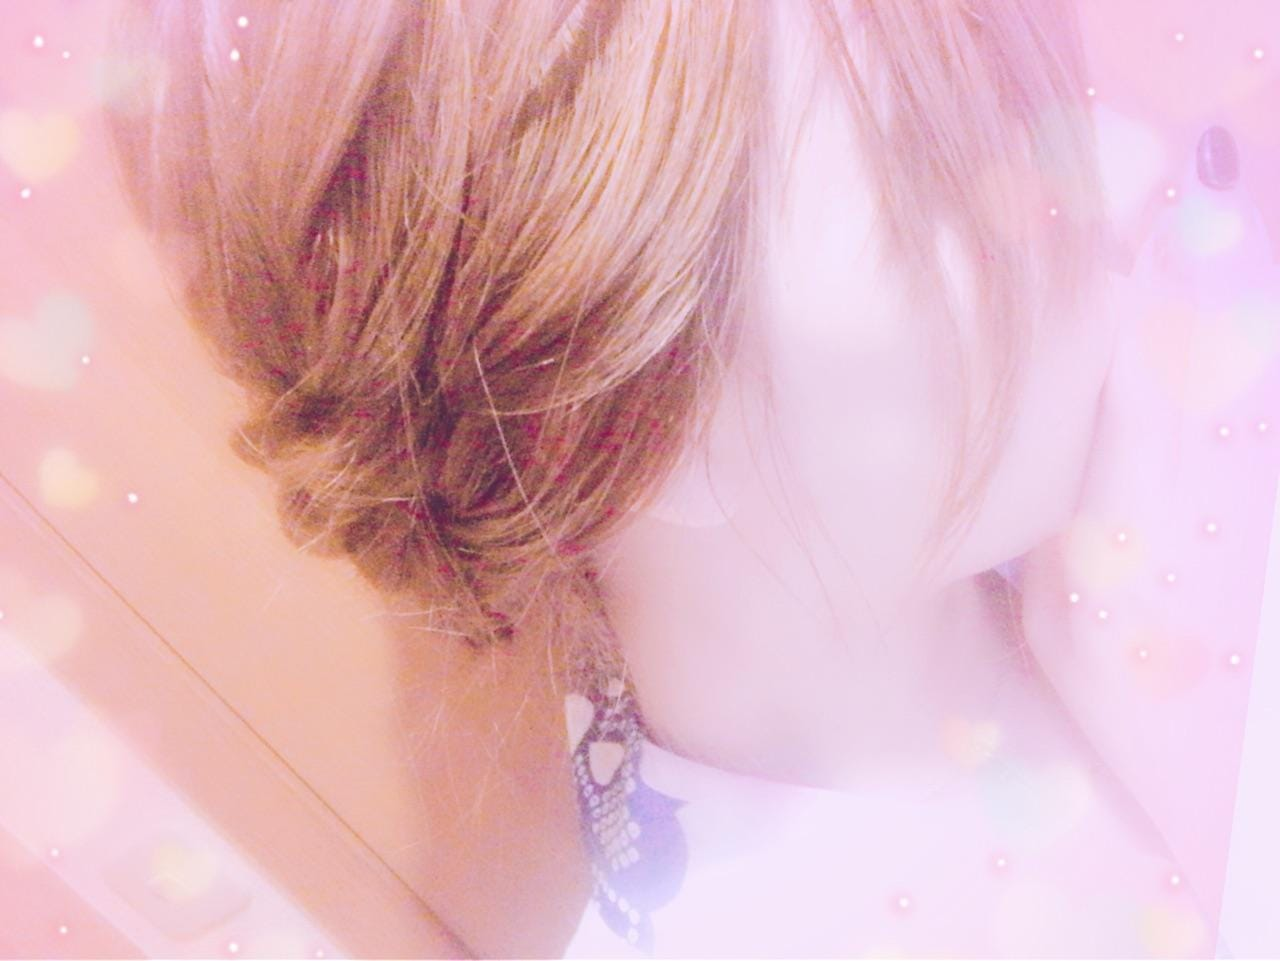 「ラブホ様?」08/14(08/14) 18:24   みくりの写メ・風俗動画